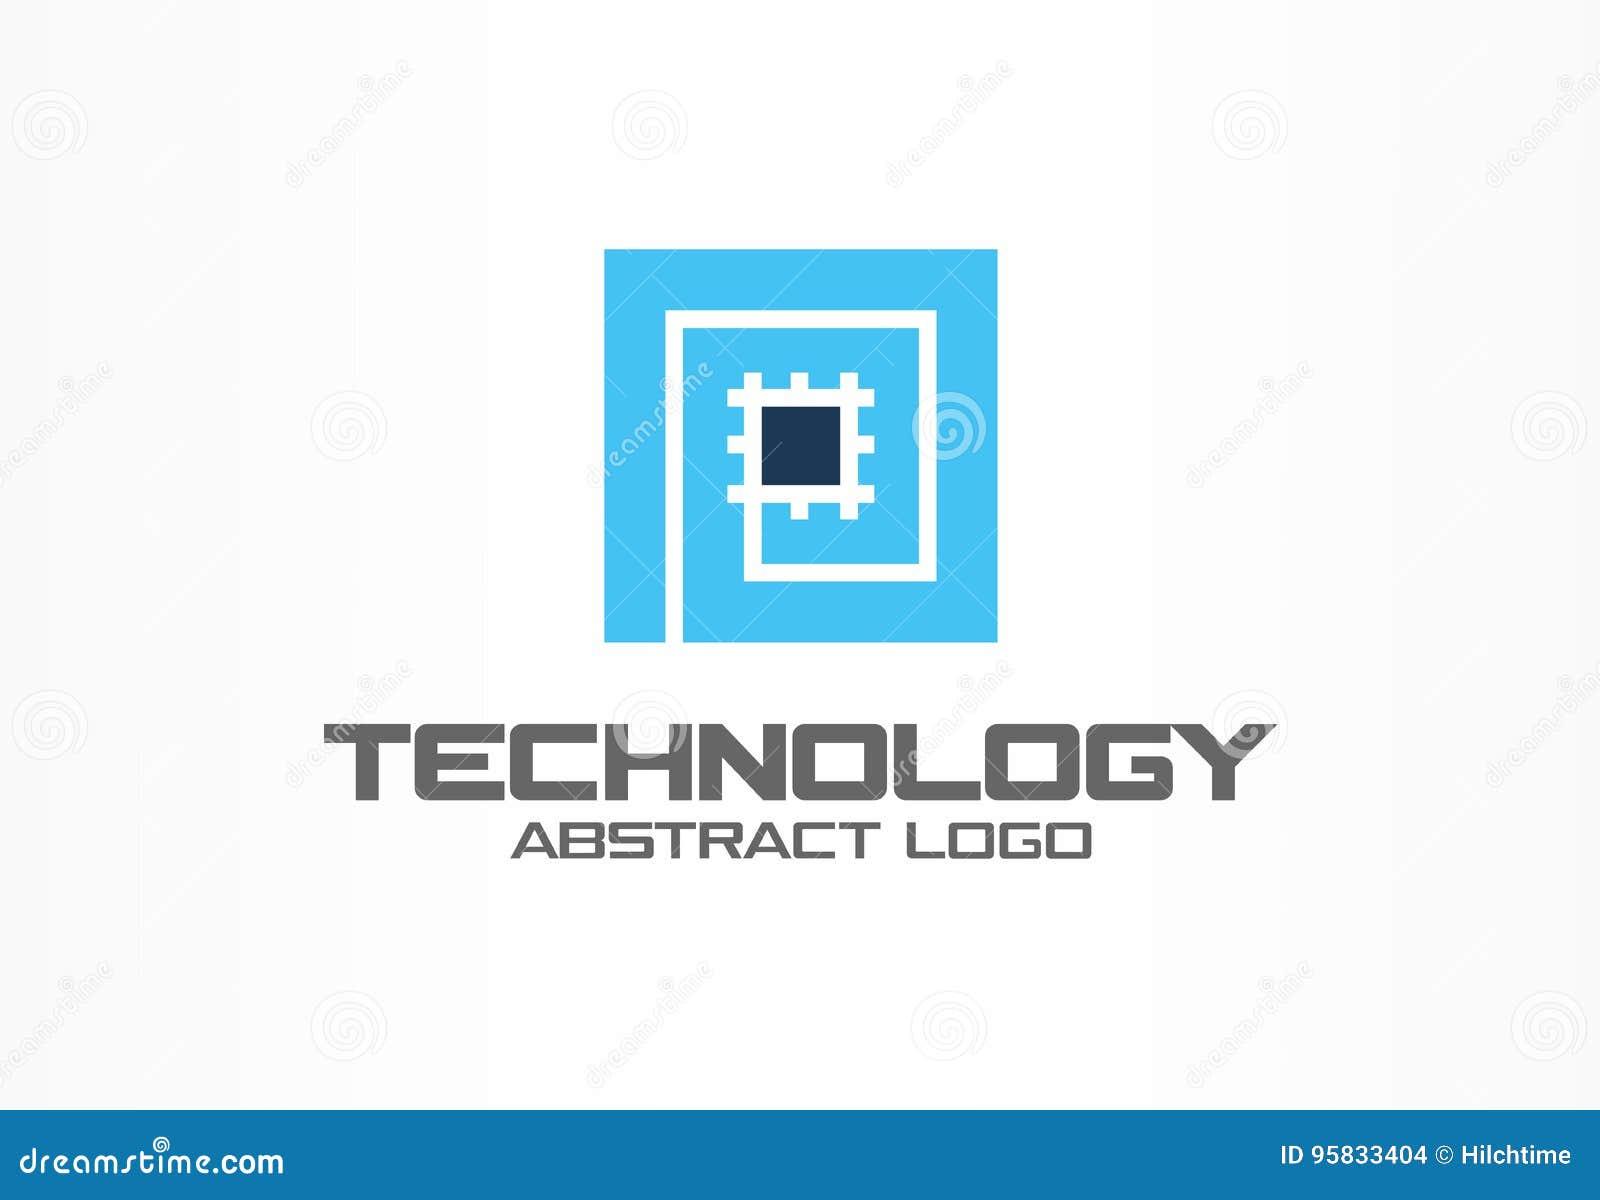 商业公司的抽象商标 公司本体设计元素 CPU,处理器,芯片,主板略写法想法